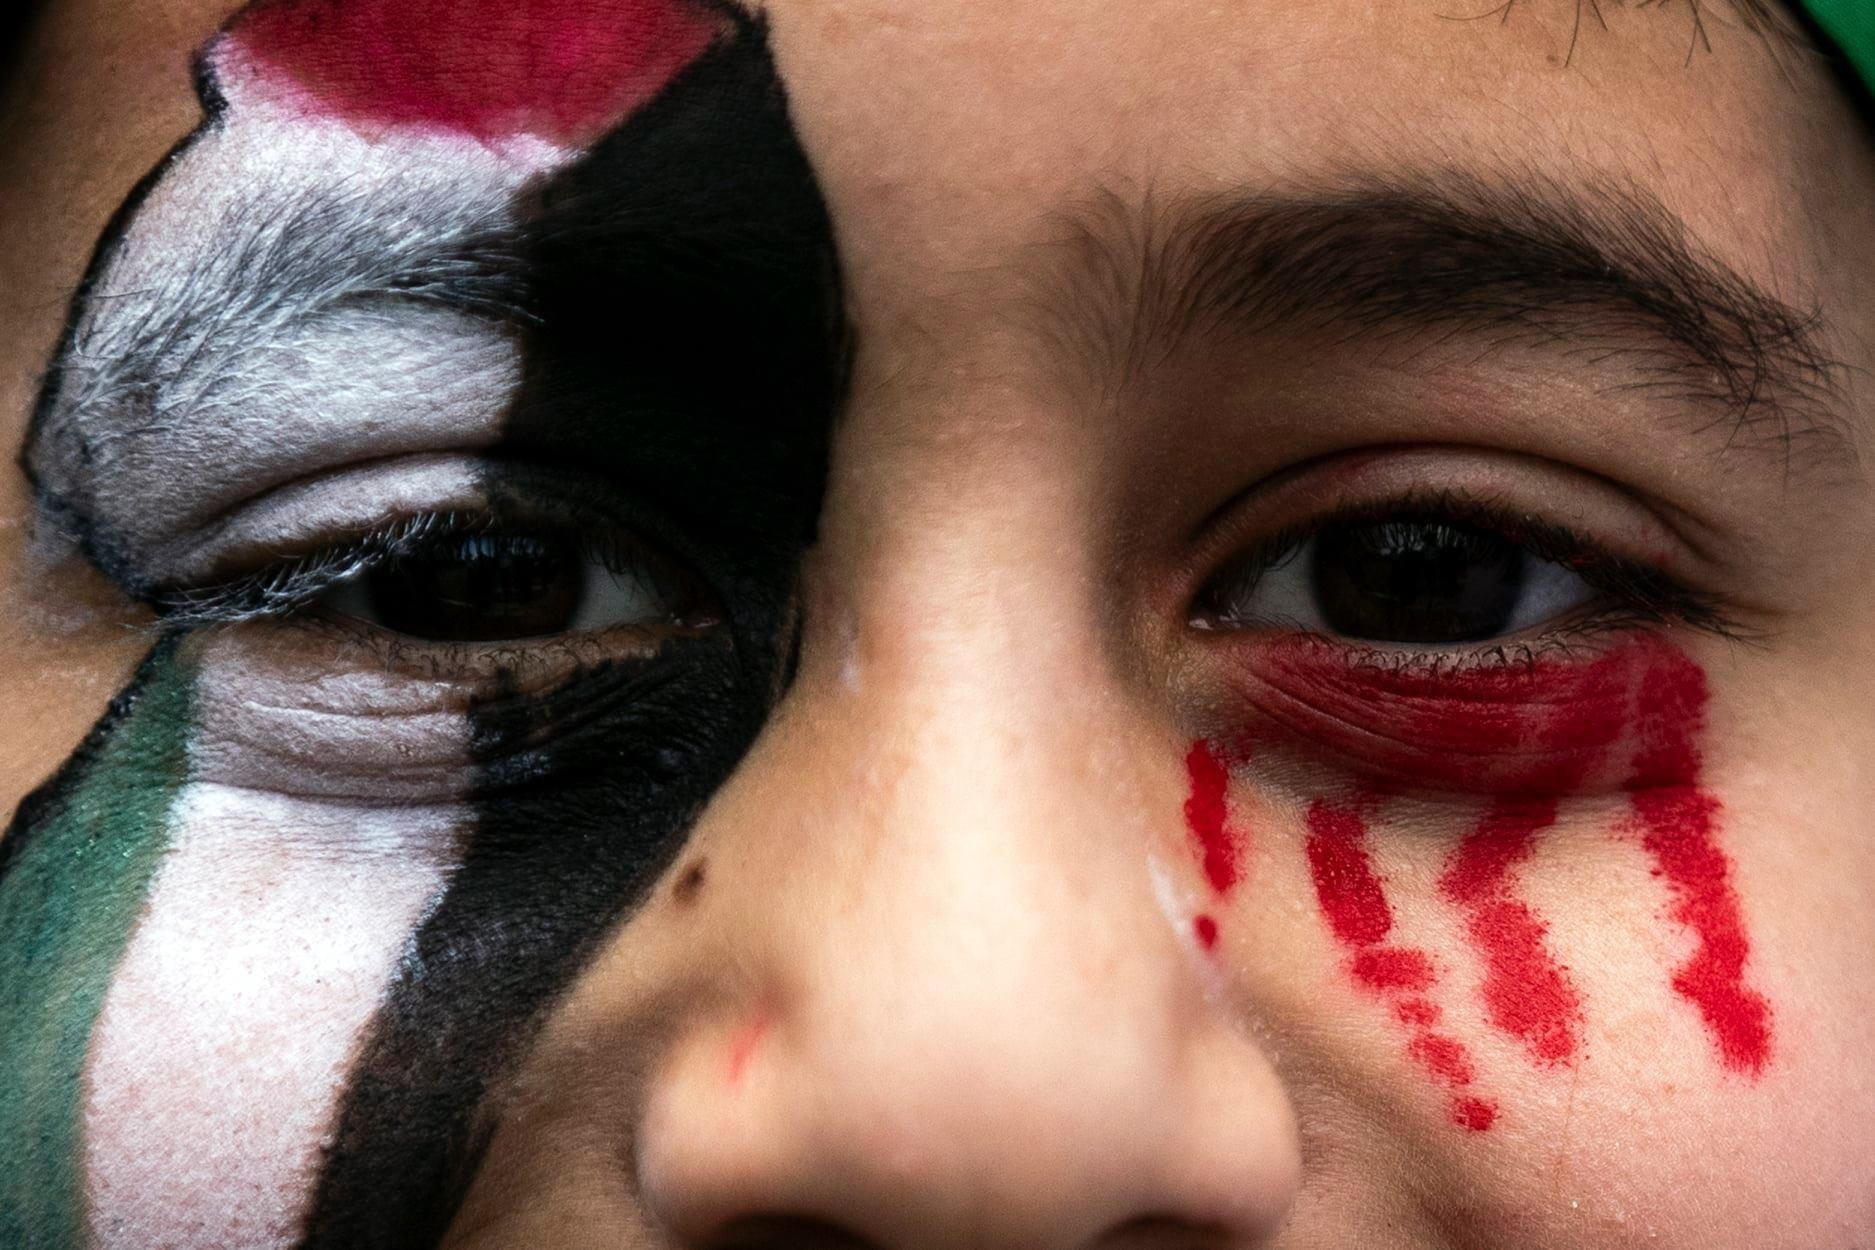 Ανάλυση Δήμου Βερύκιου: Τα «Χάσταγκ» και όχι η «Χαμάς» η πραγματική απειλή για το Ισραήλ…